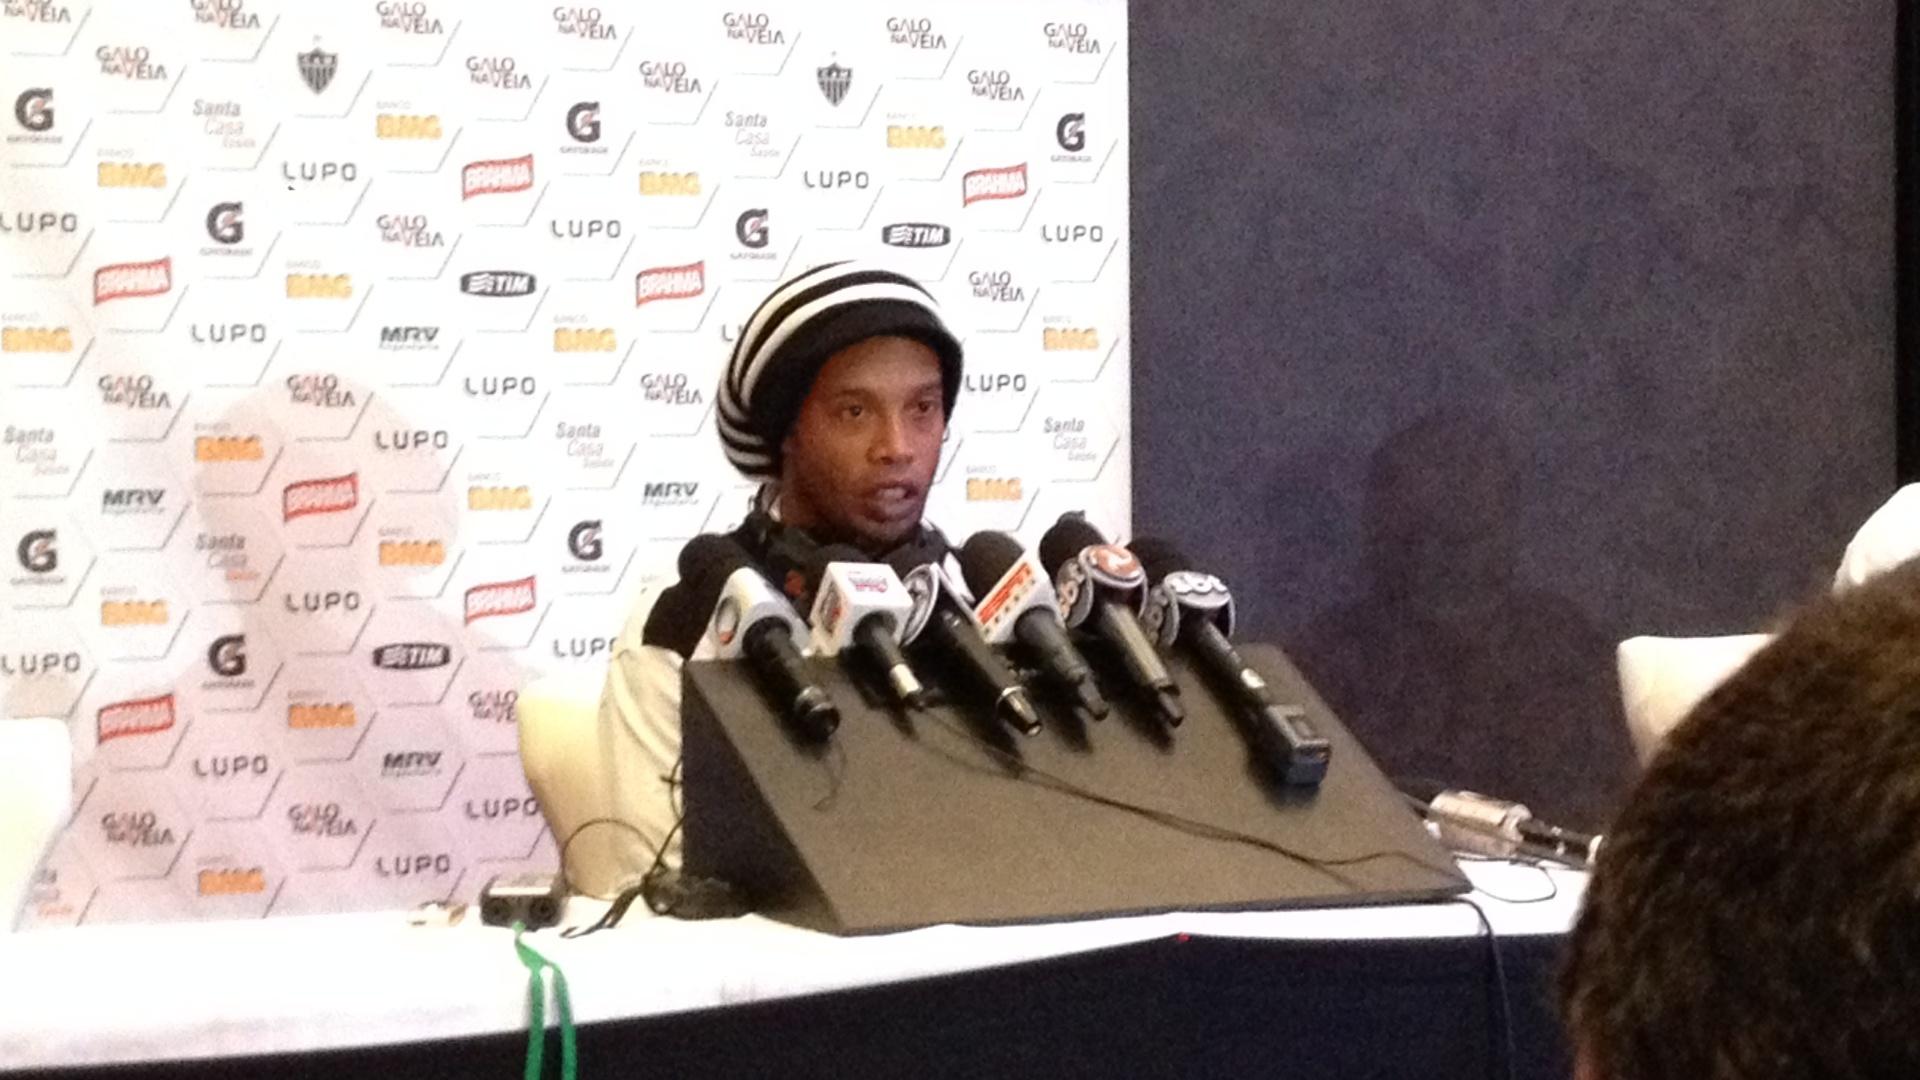 17.dez.2013 - Ronaldinho Gaúcho fala durante entrevista coletiva antes da partida contra o Raja Casablanca pelo Mundial de Clubes